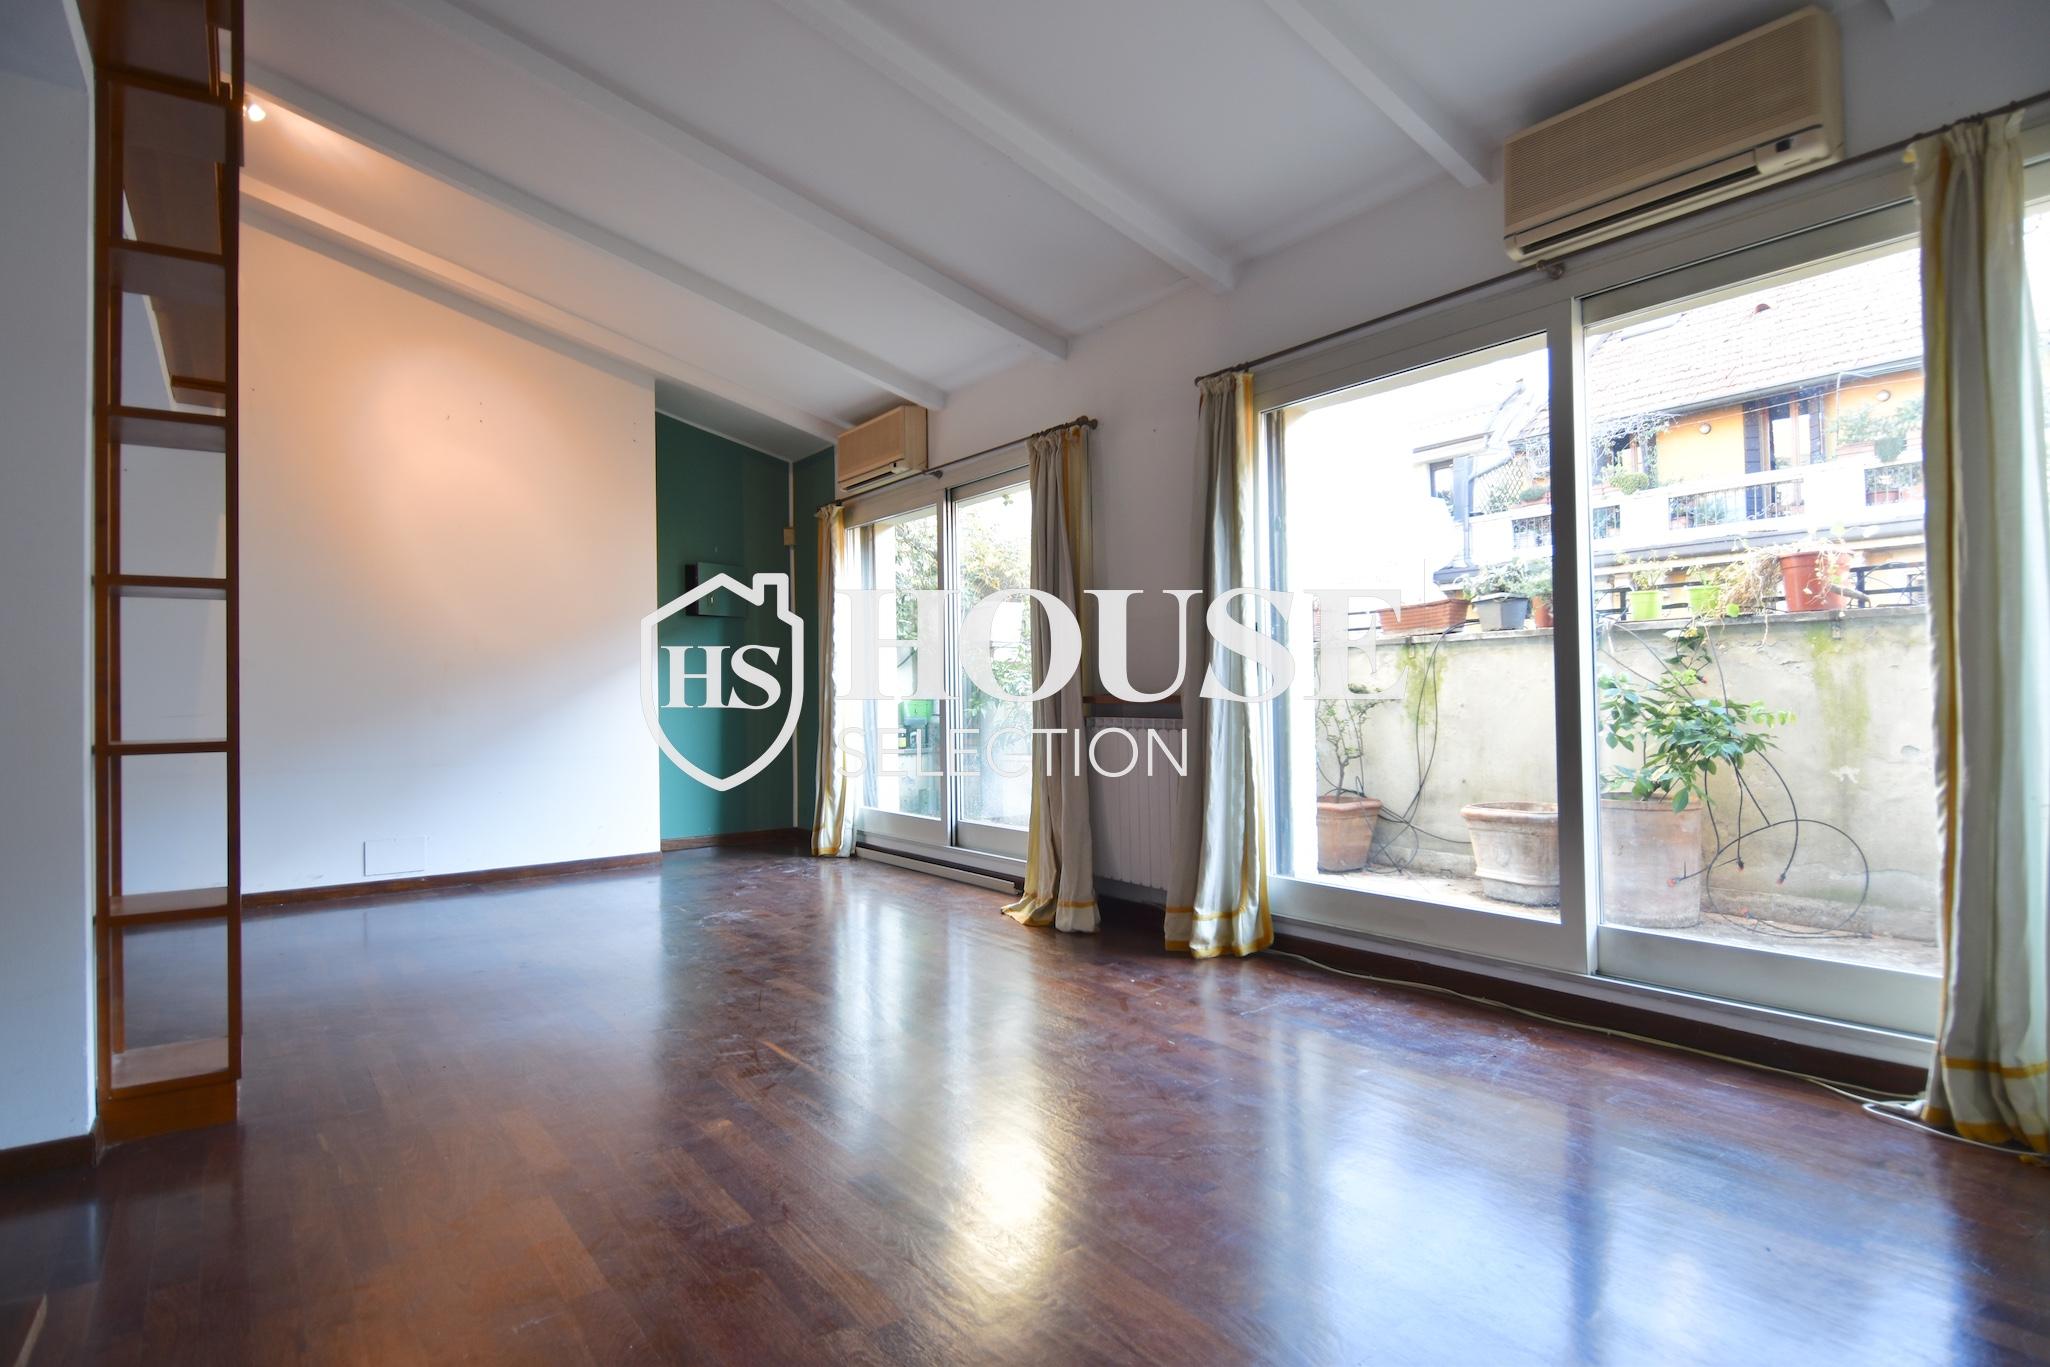 Affitto attico trilocale con terrazzino, via Archimede, tranquillo e luminoso, Milano 2